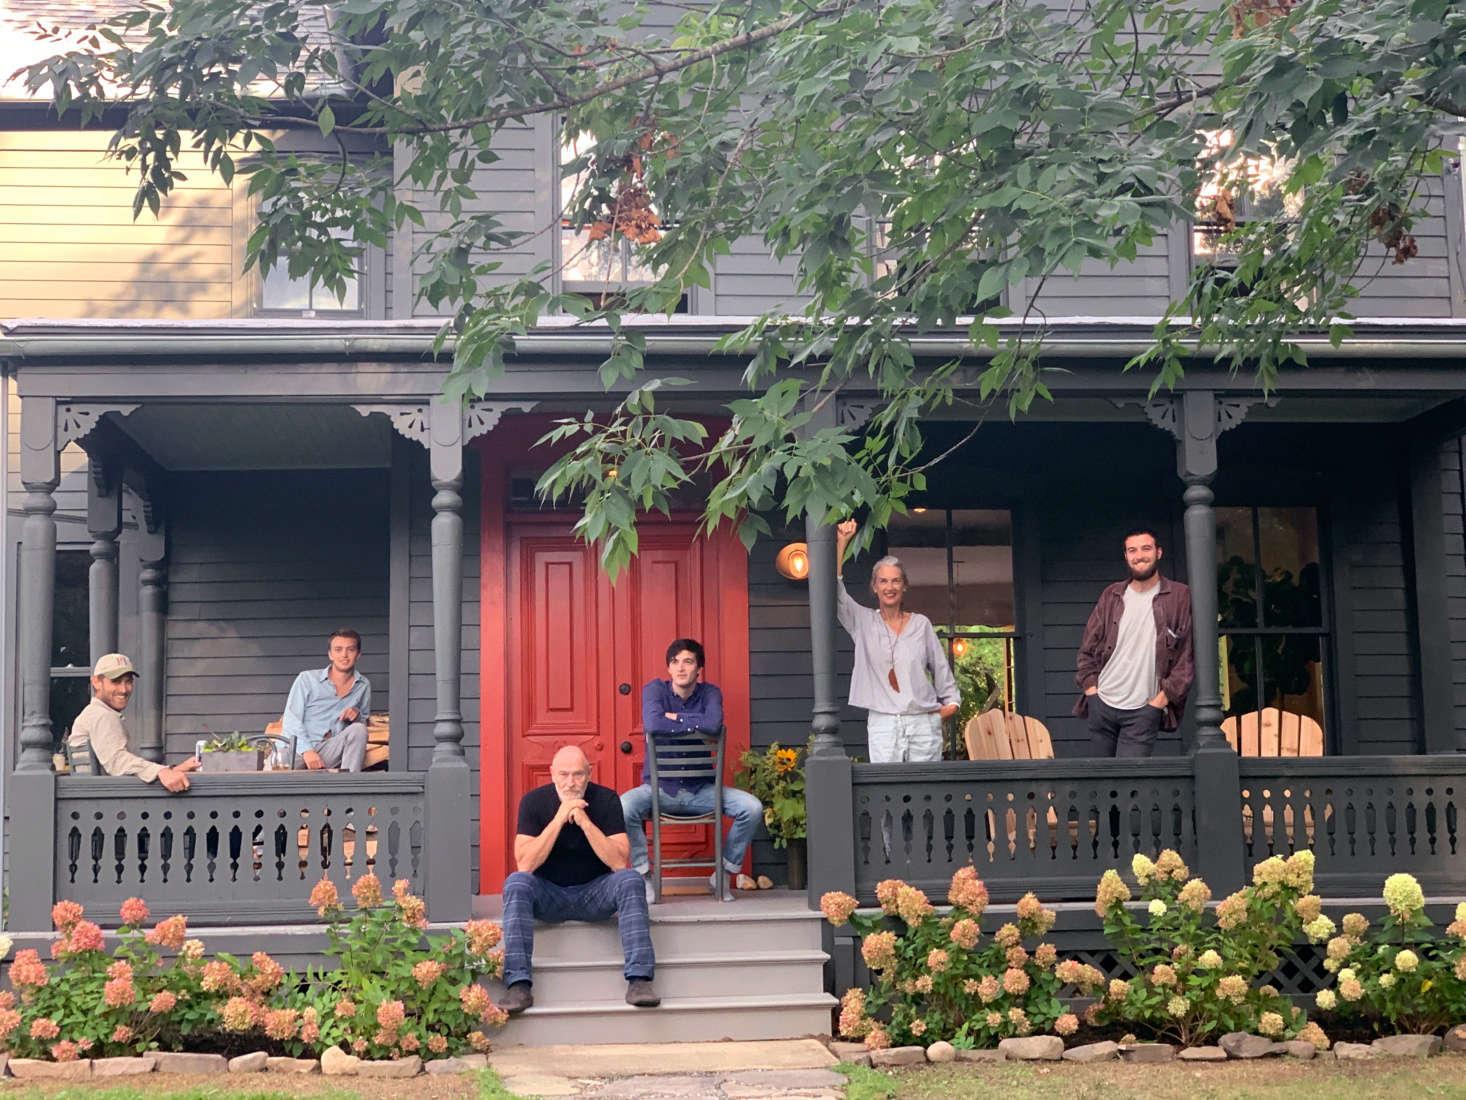 Corbin e Amanda e filhos em sua nova residência (a foto foi tirada por seu filho mais velho & # 8